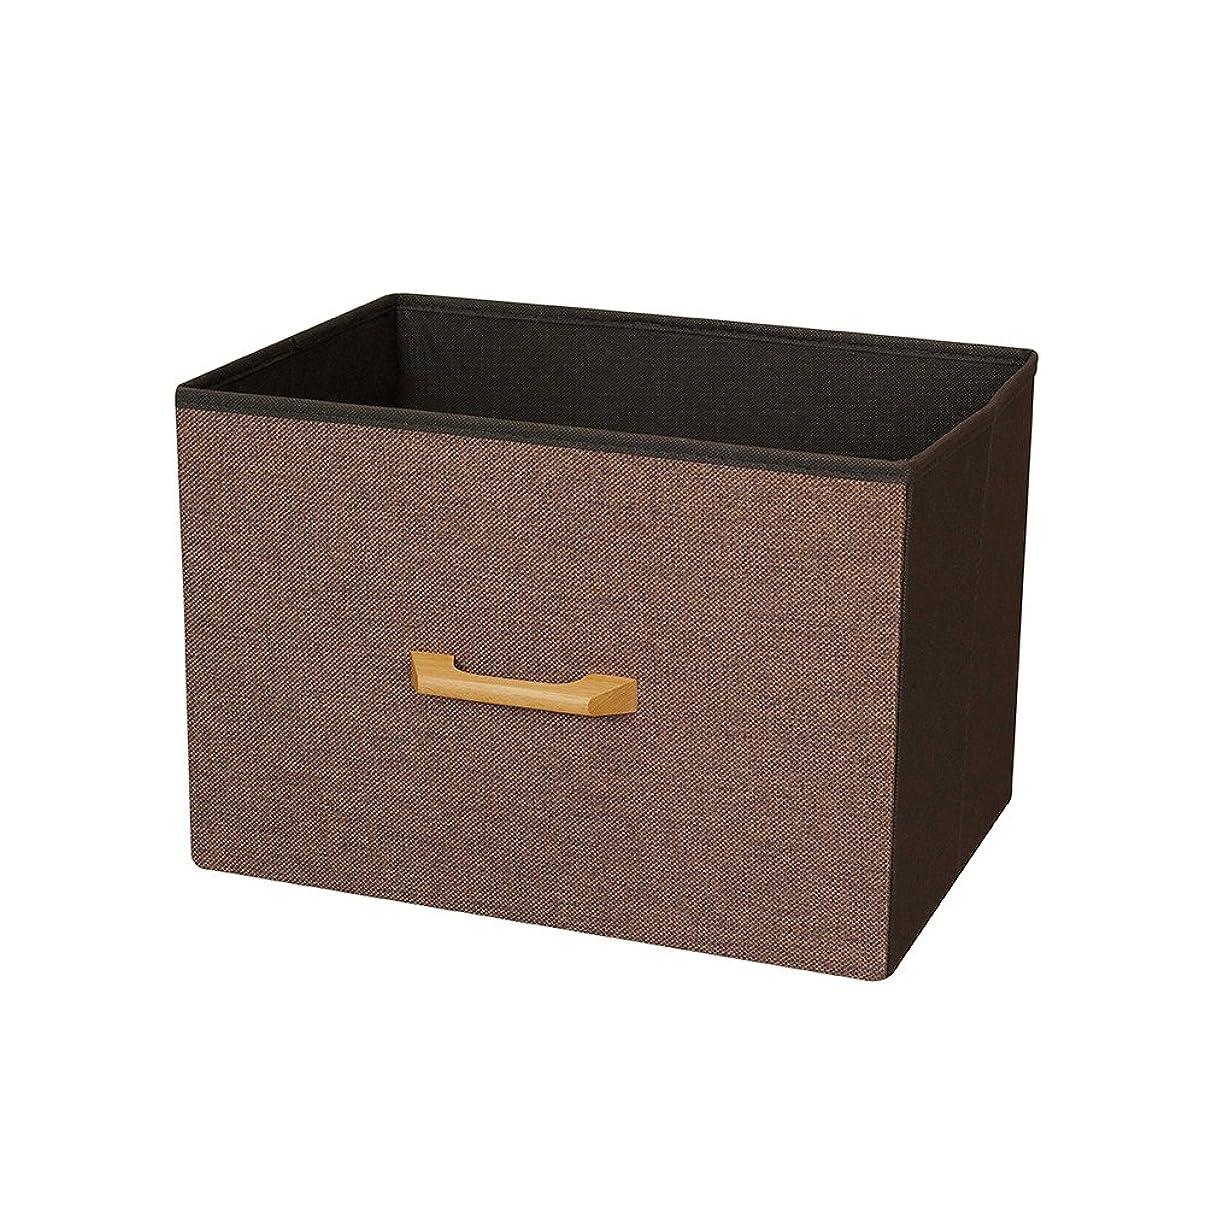 シリアル外観仲介者カラーボックス 収納ボックス 縦置き 横型 木製ハンドル ブラウン 幅38×奥行26×高さ26cm NWH3826-BR